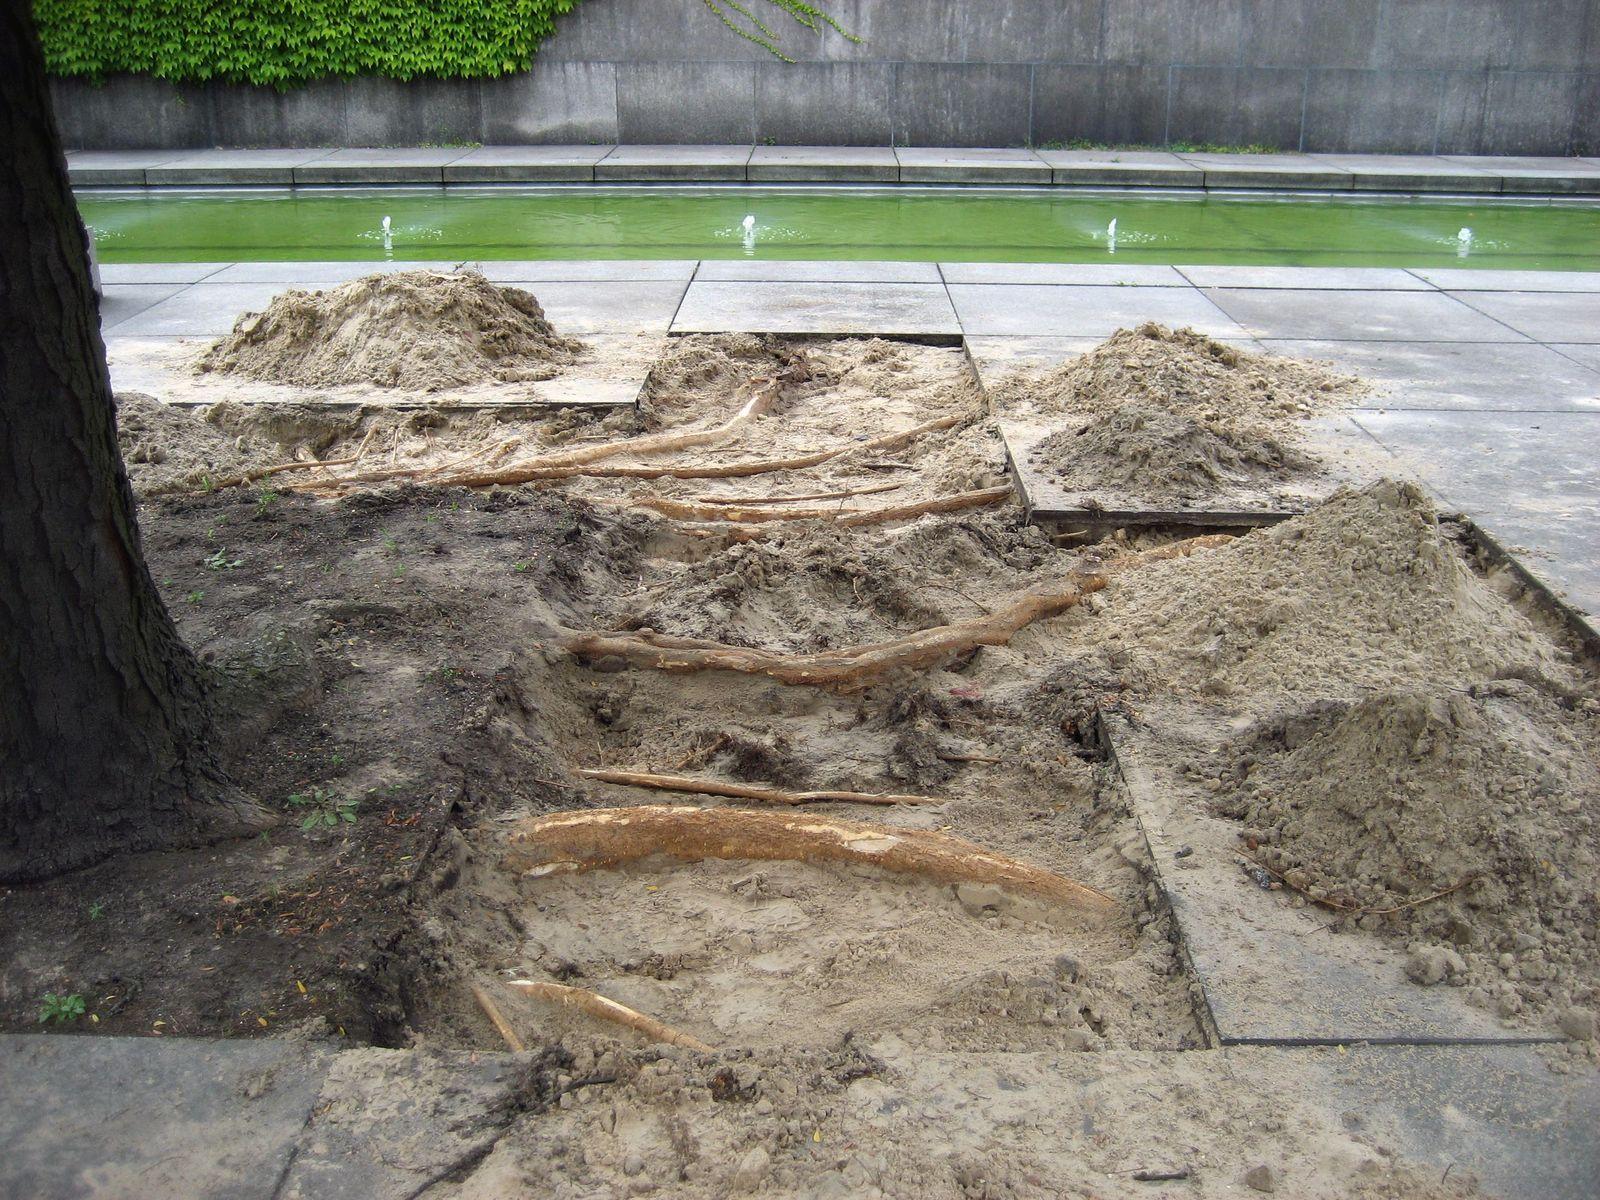 Freigelegte Gleditschien-Wurzeln unter den Platten im Skulpturengarten, Foto: Jürgen Liehr